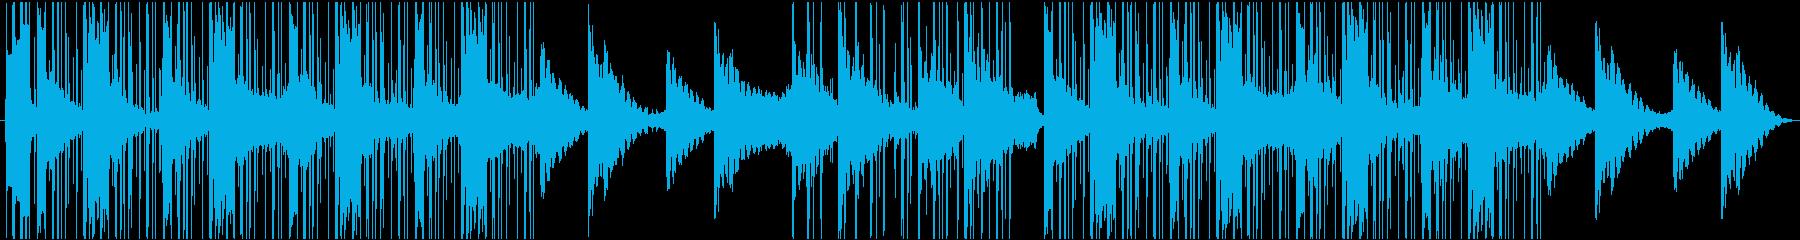 美しいピアノのあるラウンジヒップホップの再生済みの波形